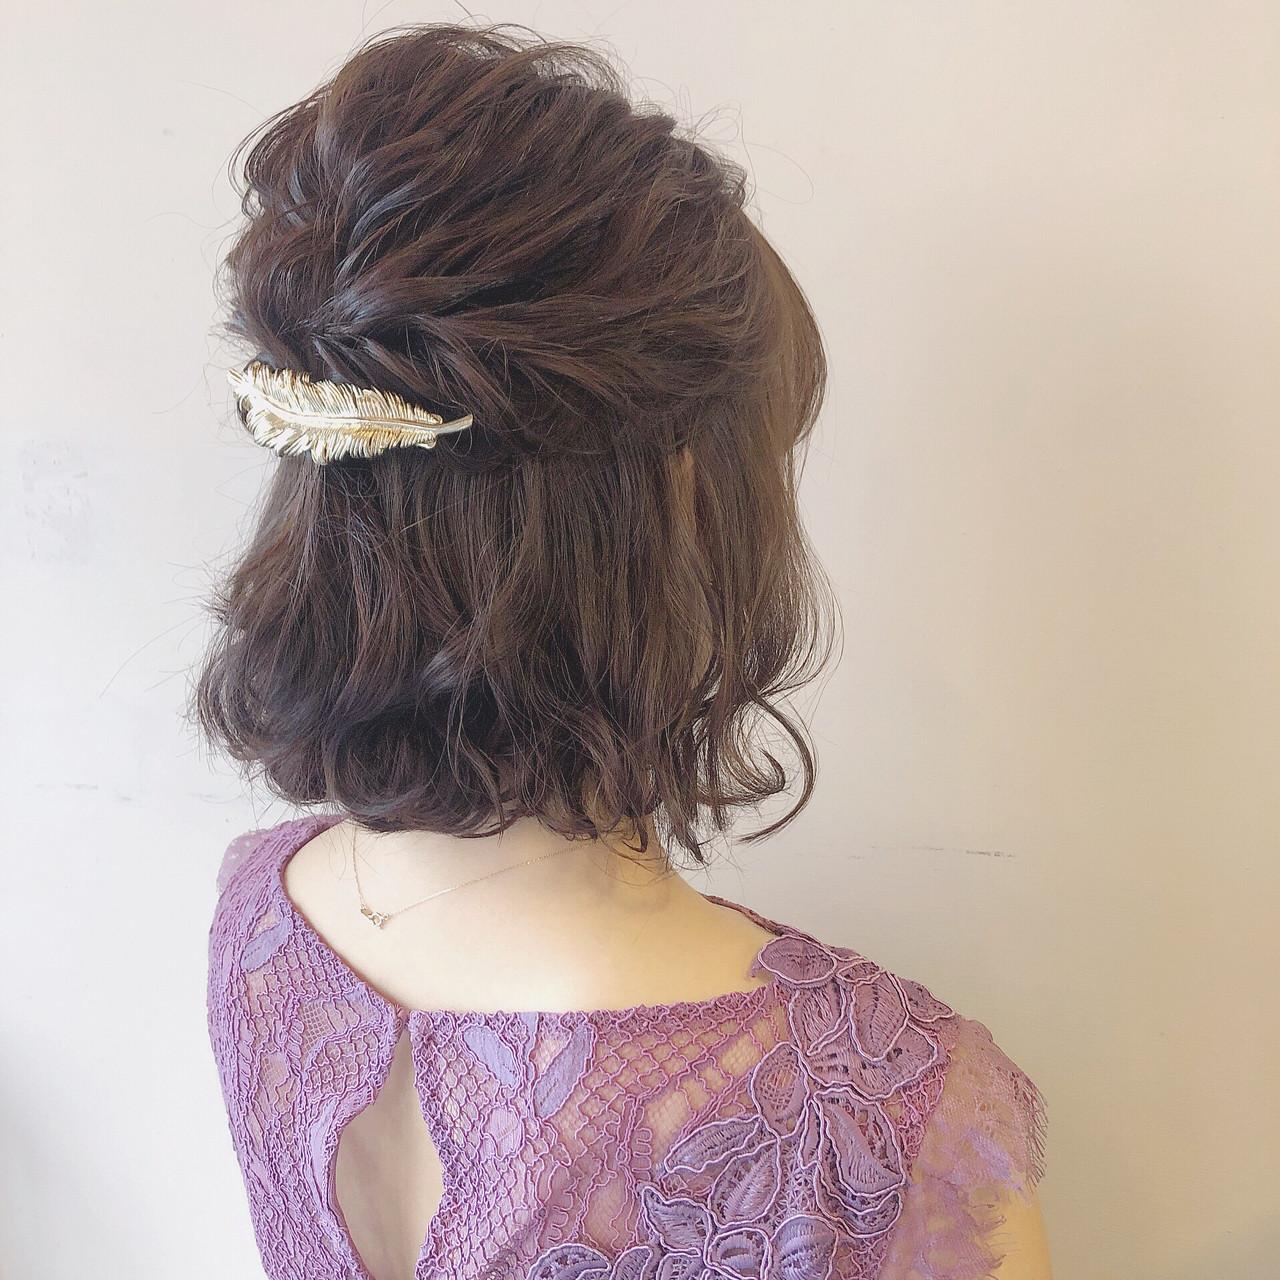 デート ボブ ヘアアレンジ 結婚式 ヘアスタイルや髪型の写真・画像